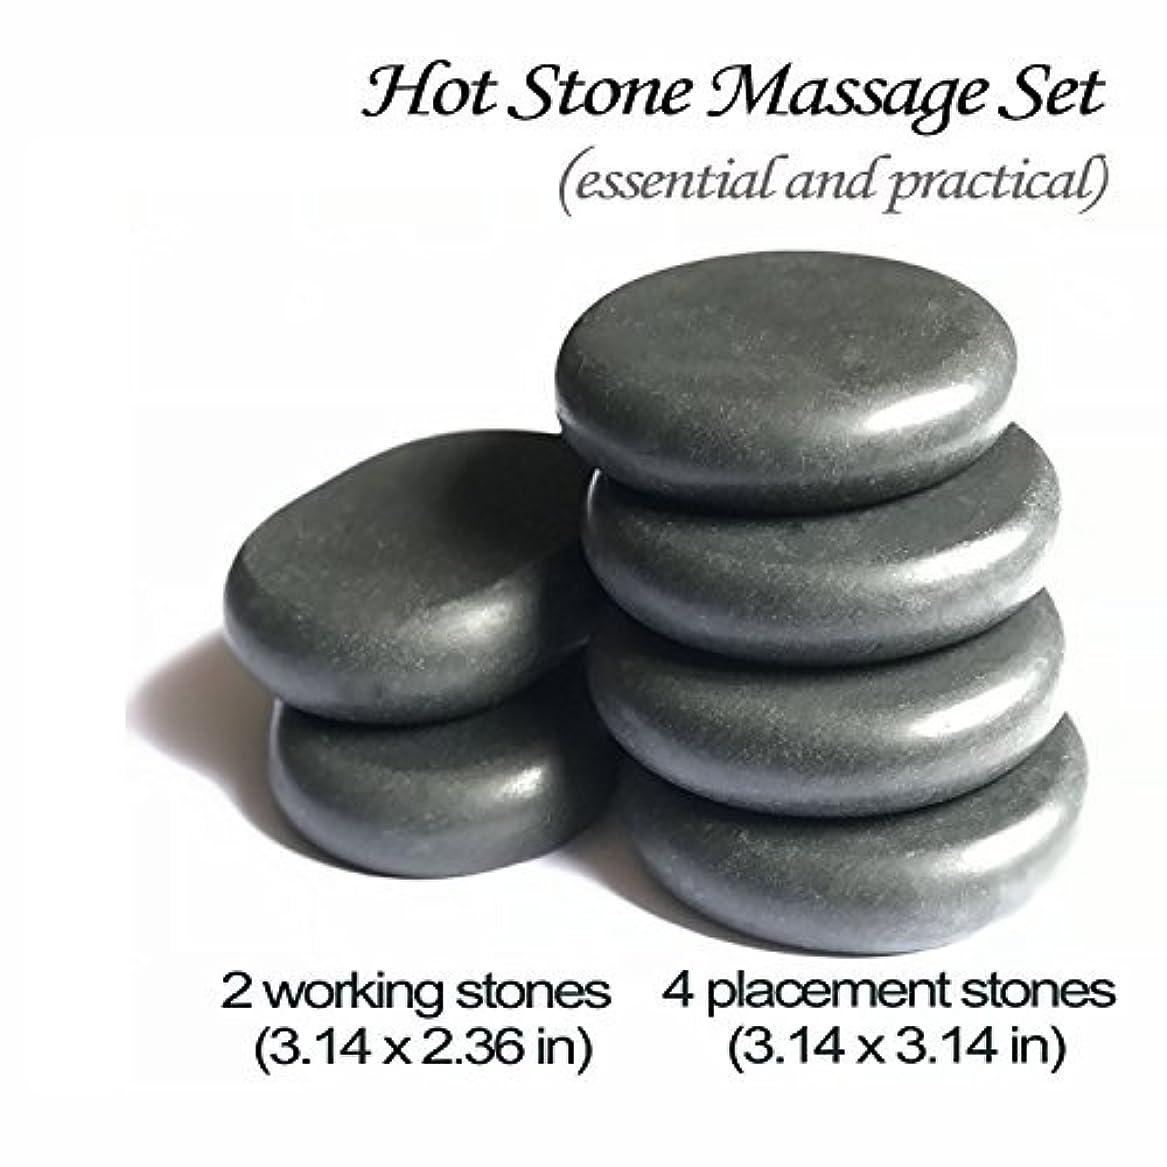 期待する中央値知性ロック玄武岩マッサージホットスト足つぼ?手のひら かっさ Natural Lava Rock Basalt Stone for (L 6 PCS)